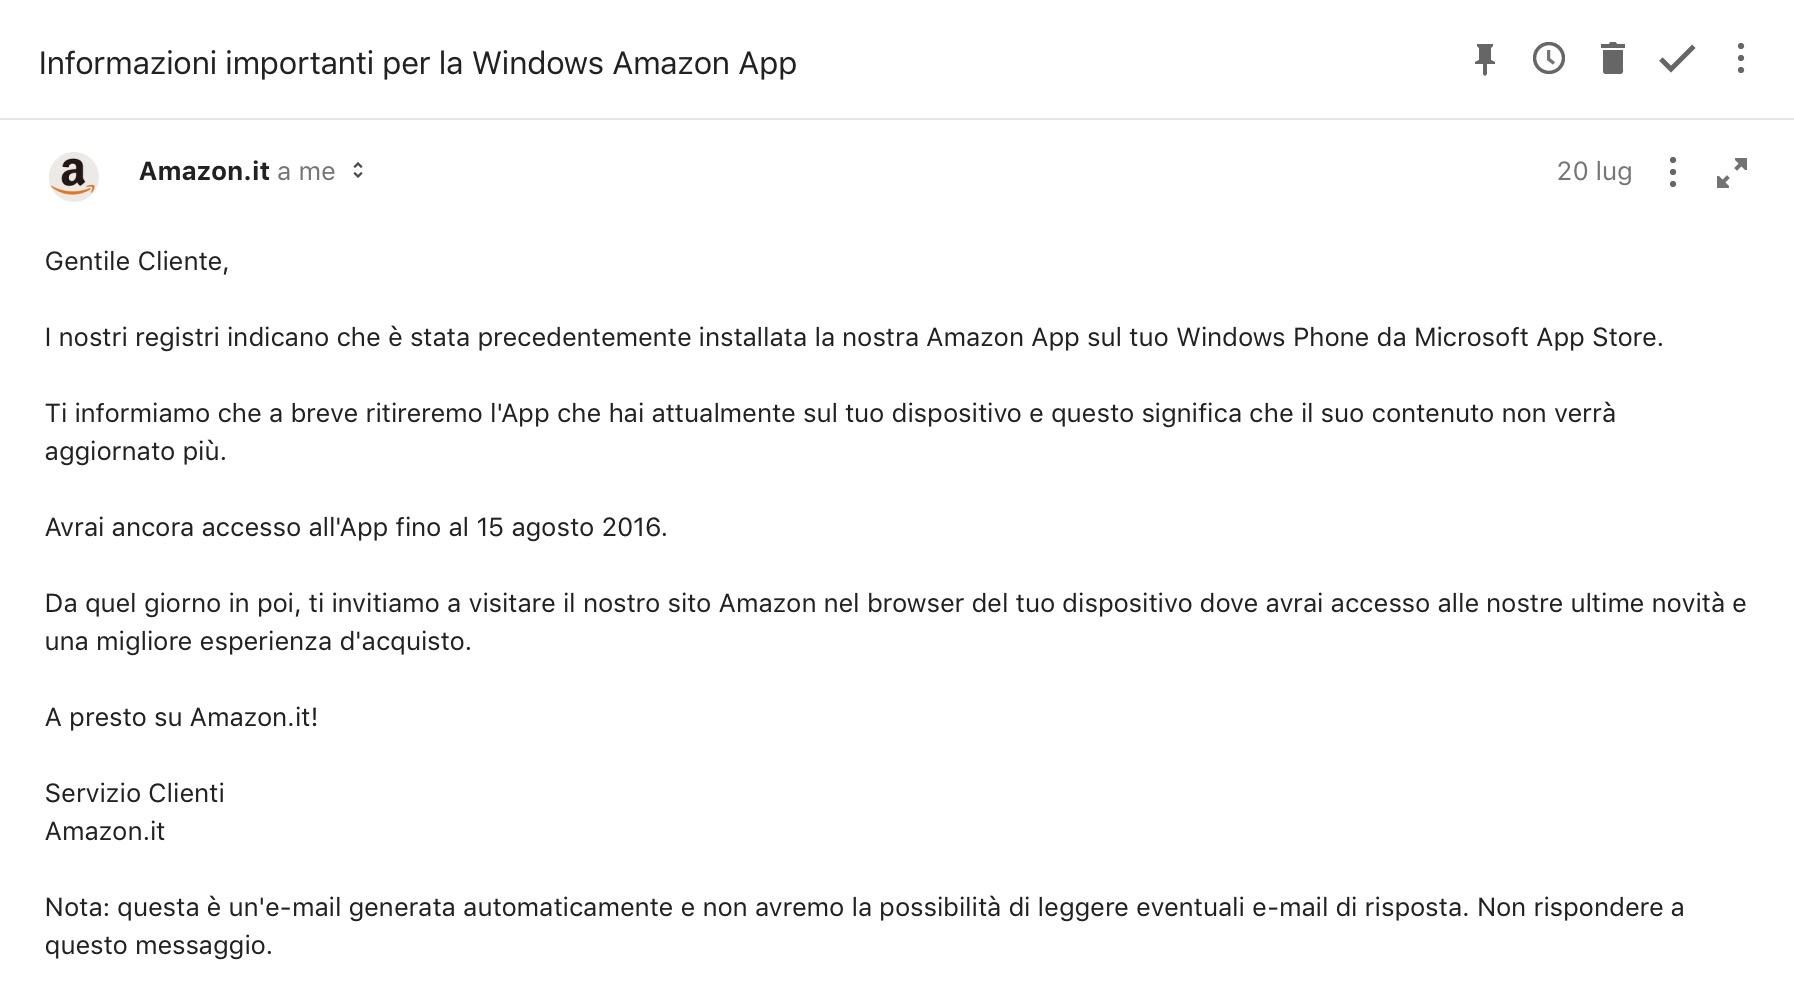 Amazon Windows Phone